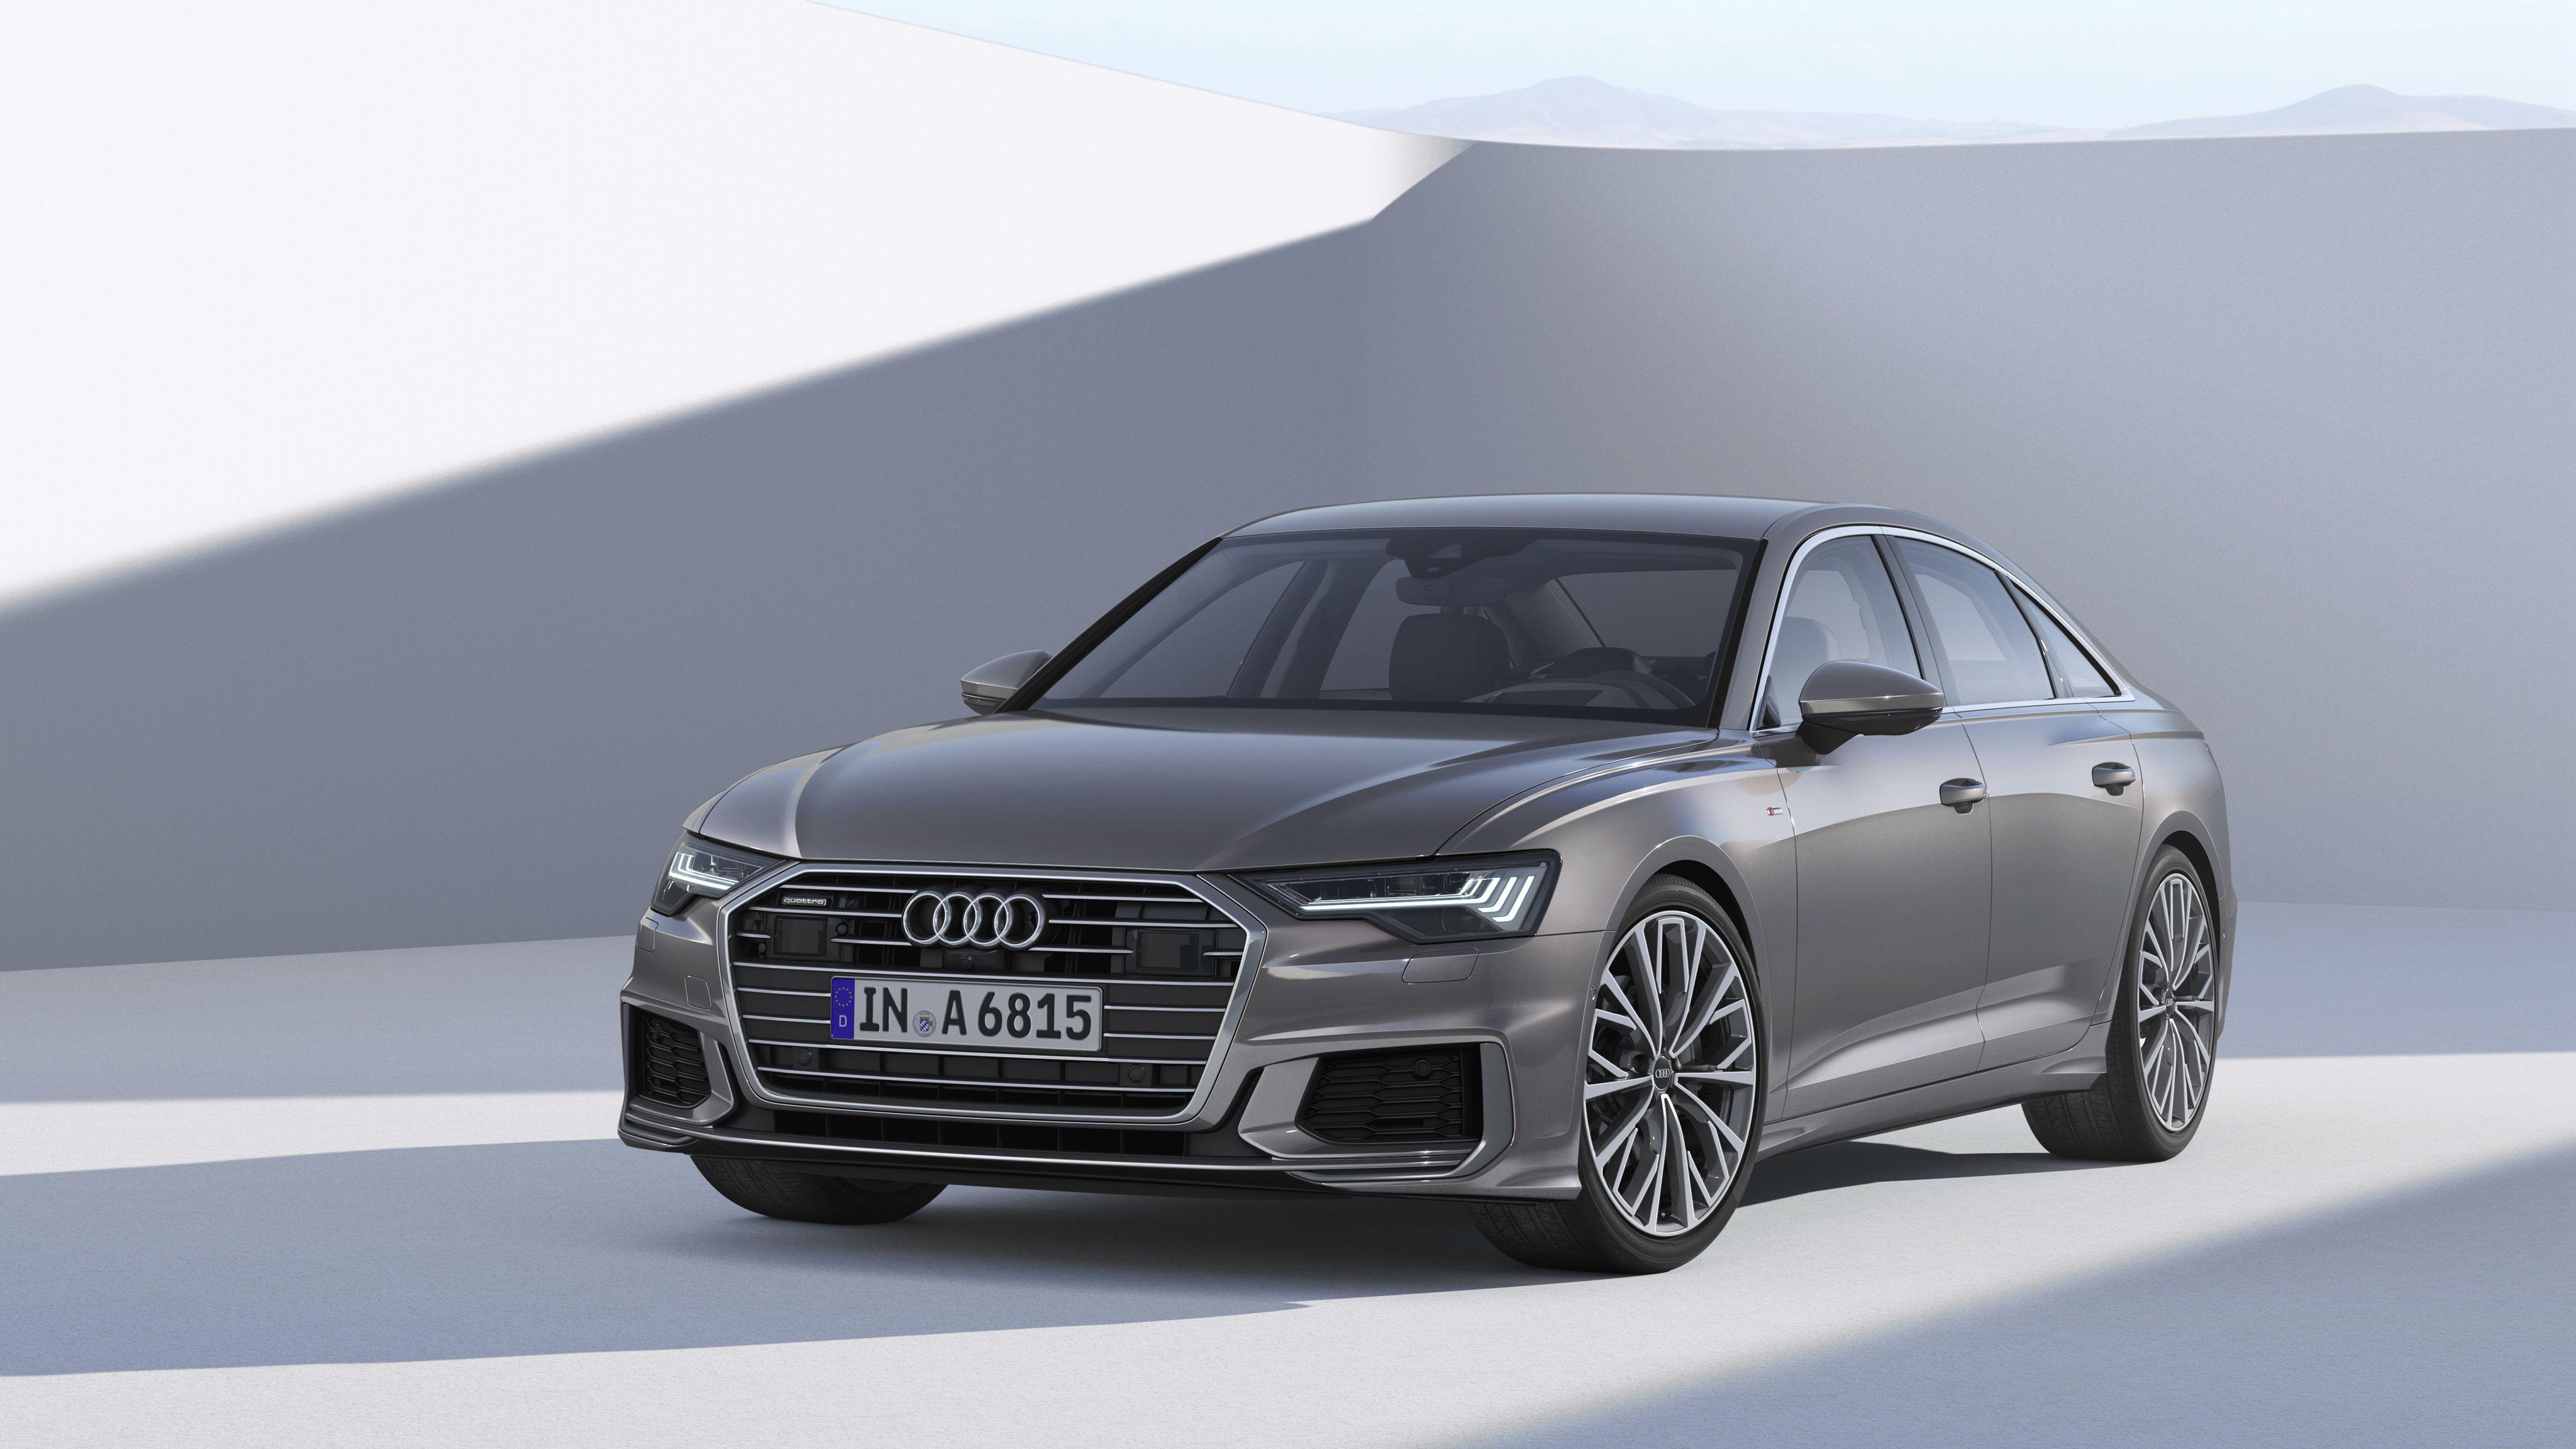 Audi A6 2018 Wallpapers Wallpaper Cave